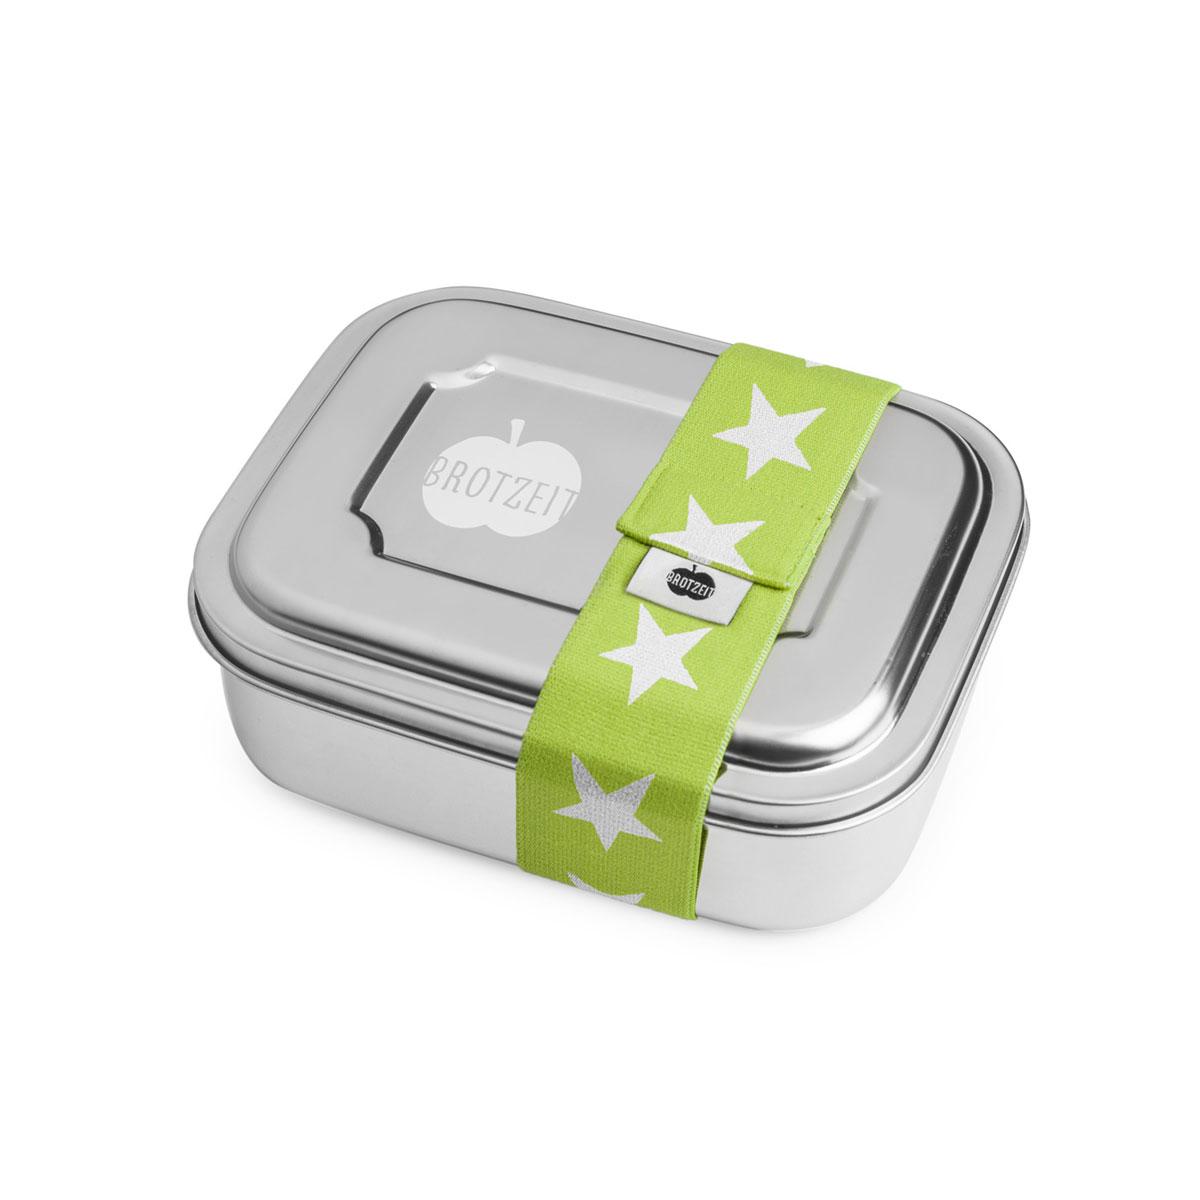 """Lunchbox """"ZWEIER"""" Brotdose mit Unterteilung aus Edelstahl - 100% BPA frei, fest verschliessbar von Brotzeit"""